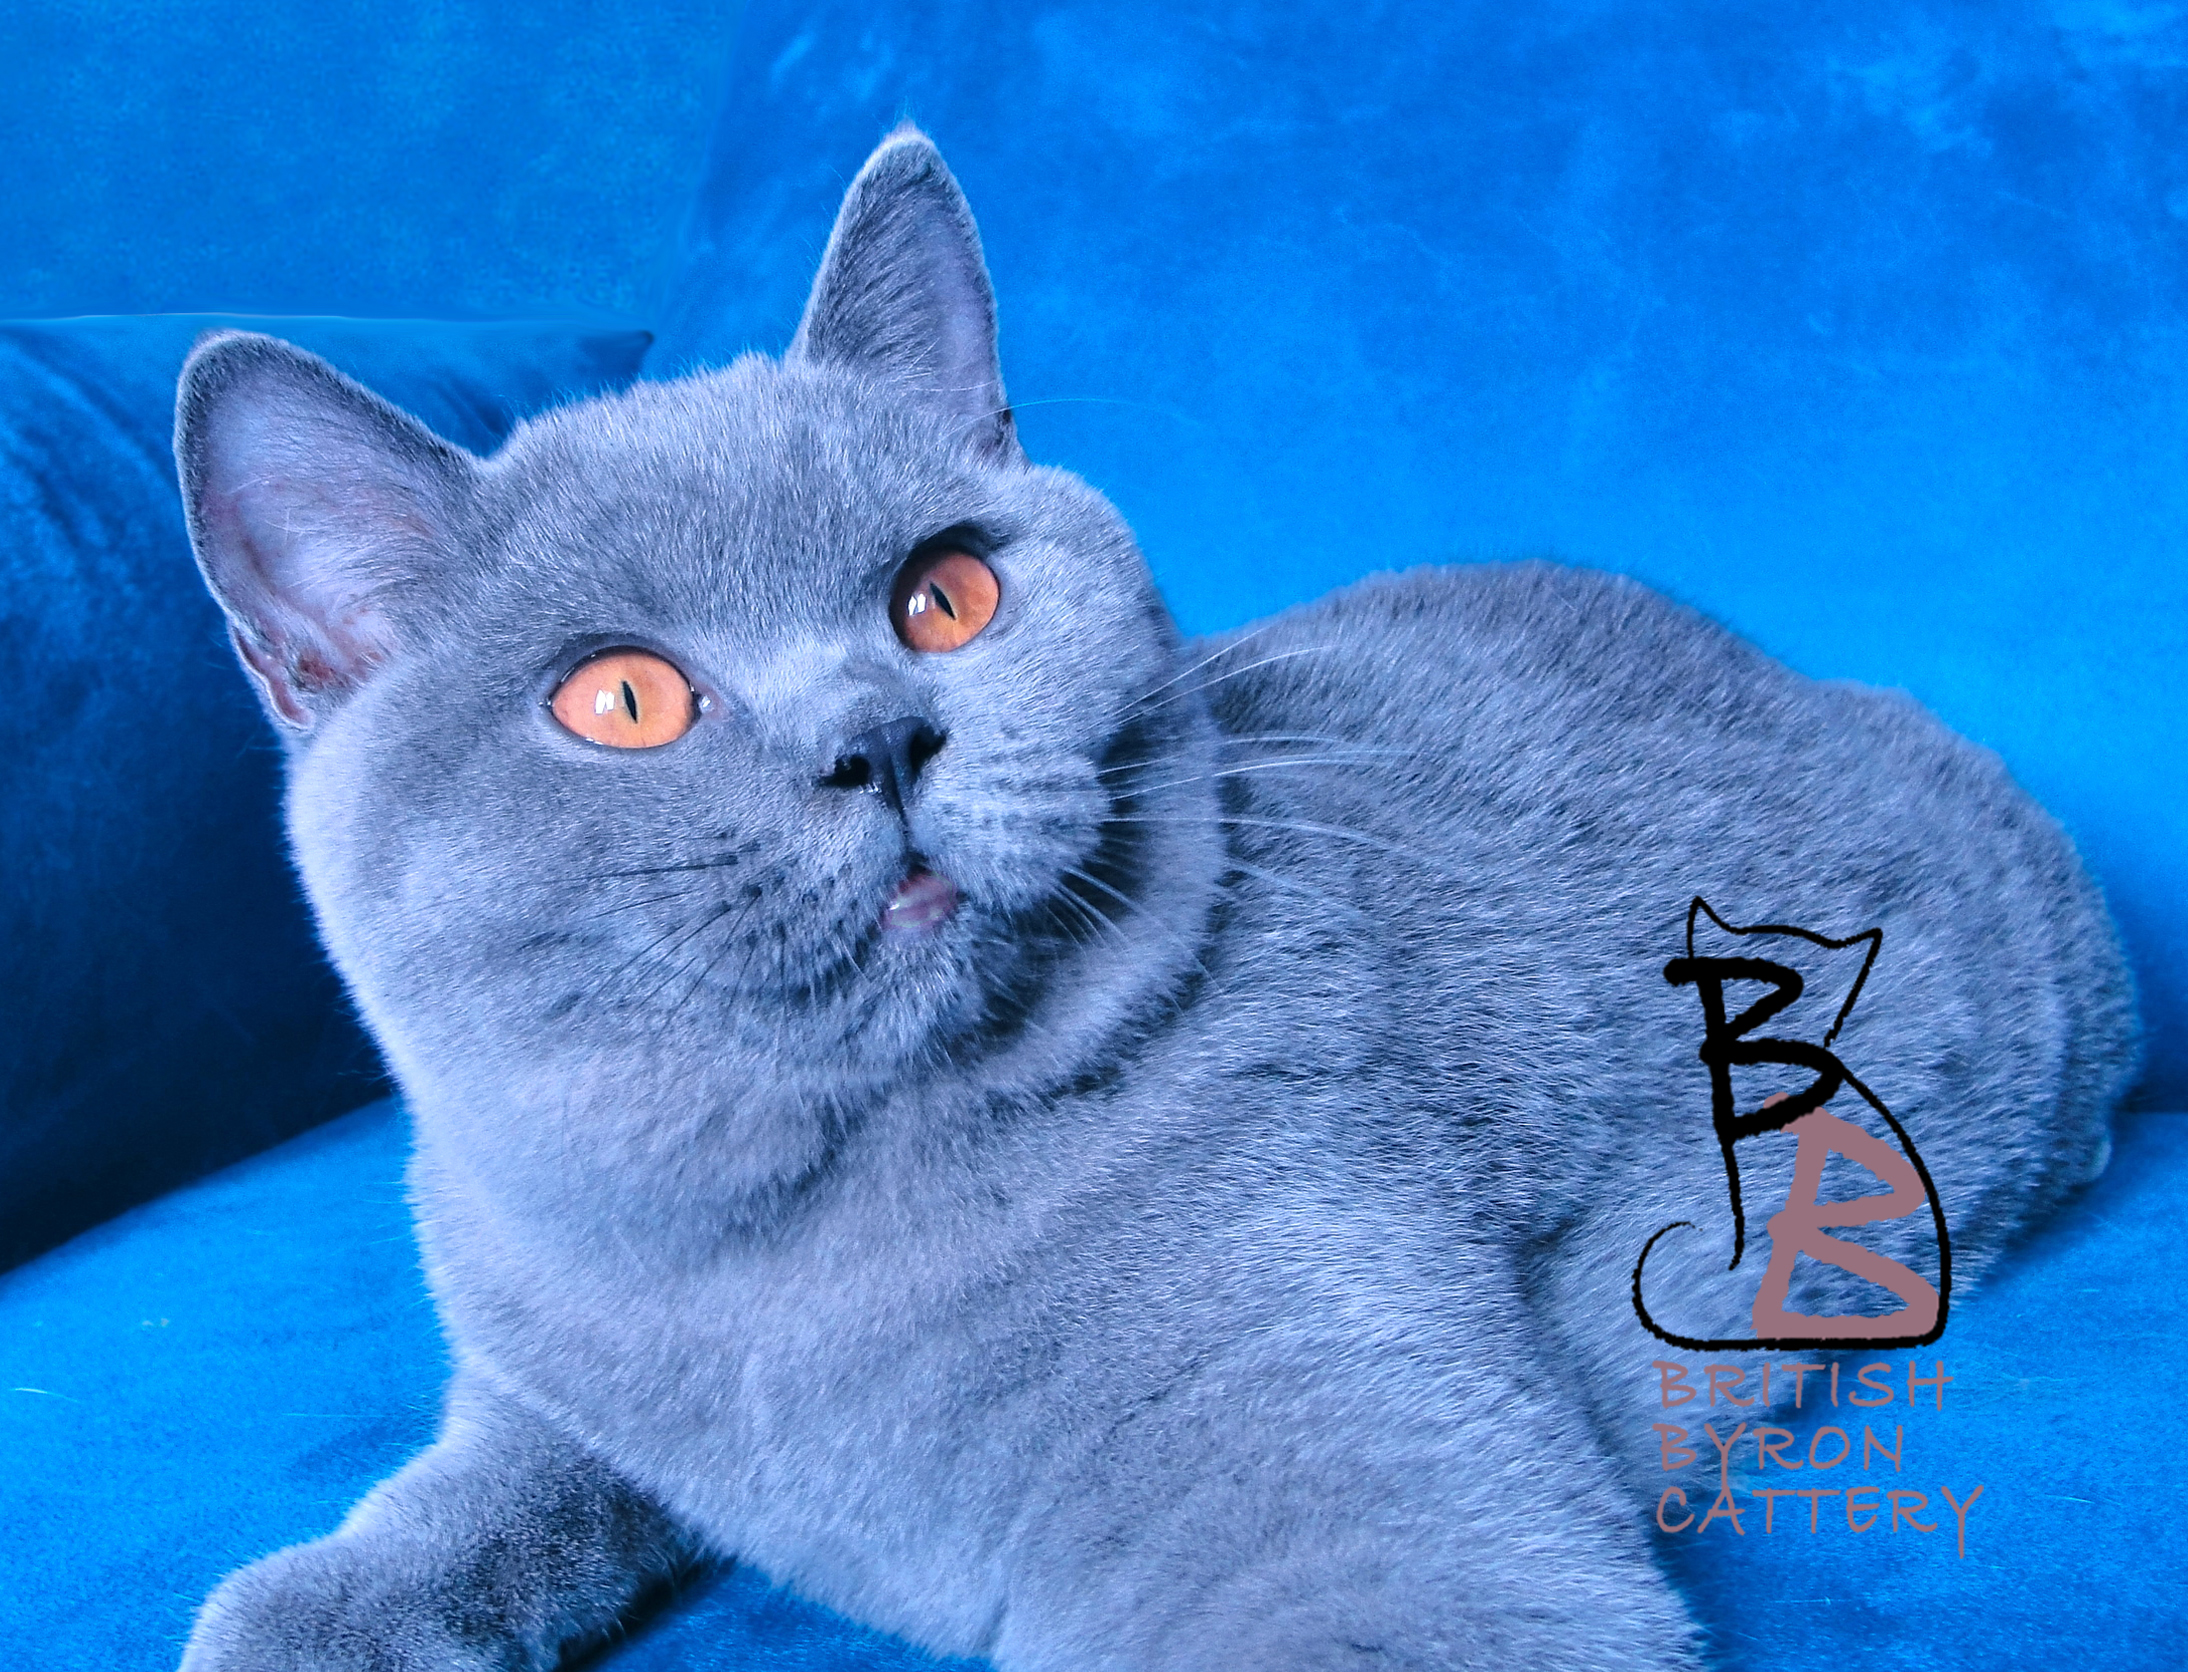 gatto british shorthair rossana 2-logo-